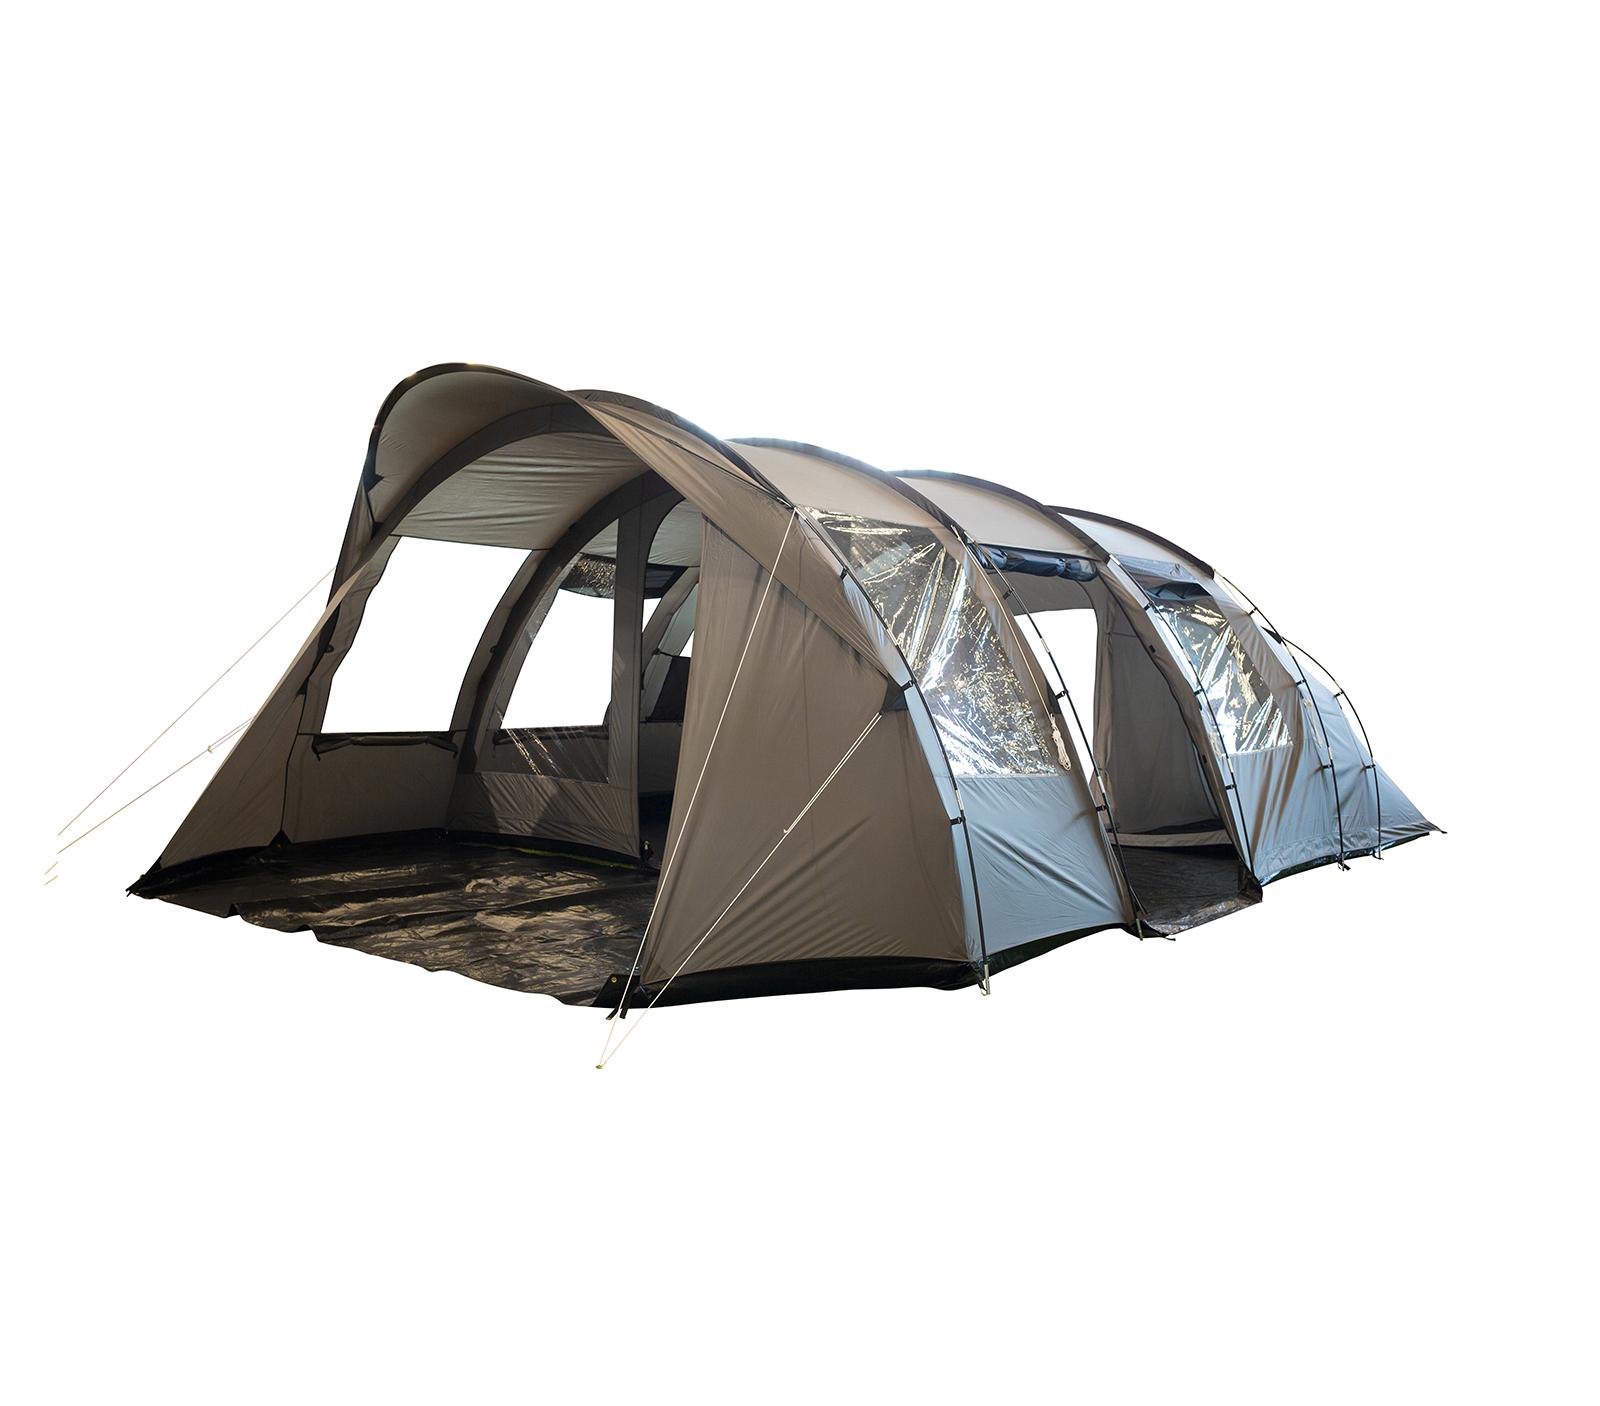 d3c6e0cd9f2 VRIJBUITER OUTDOOR BIRCH 6 PO TENT - Campingspullen Kopen